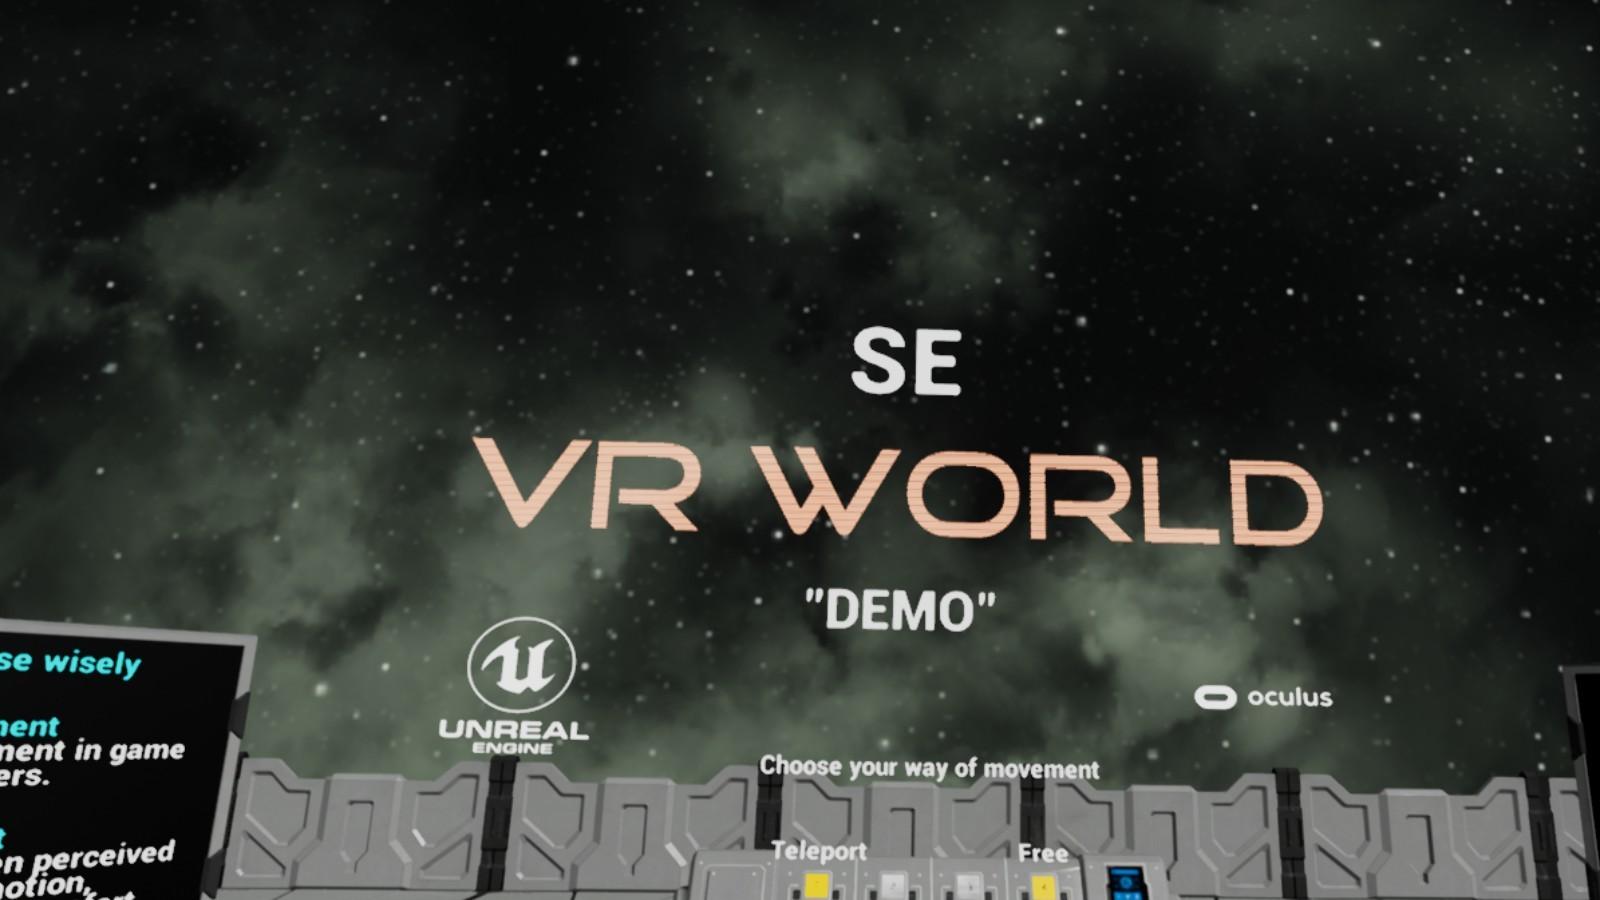 SE VR World Demo on Steam